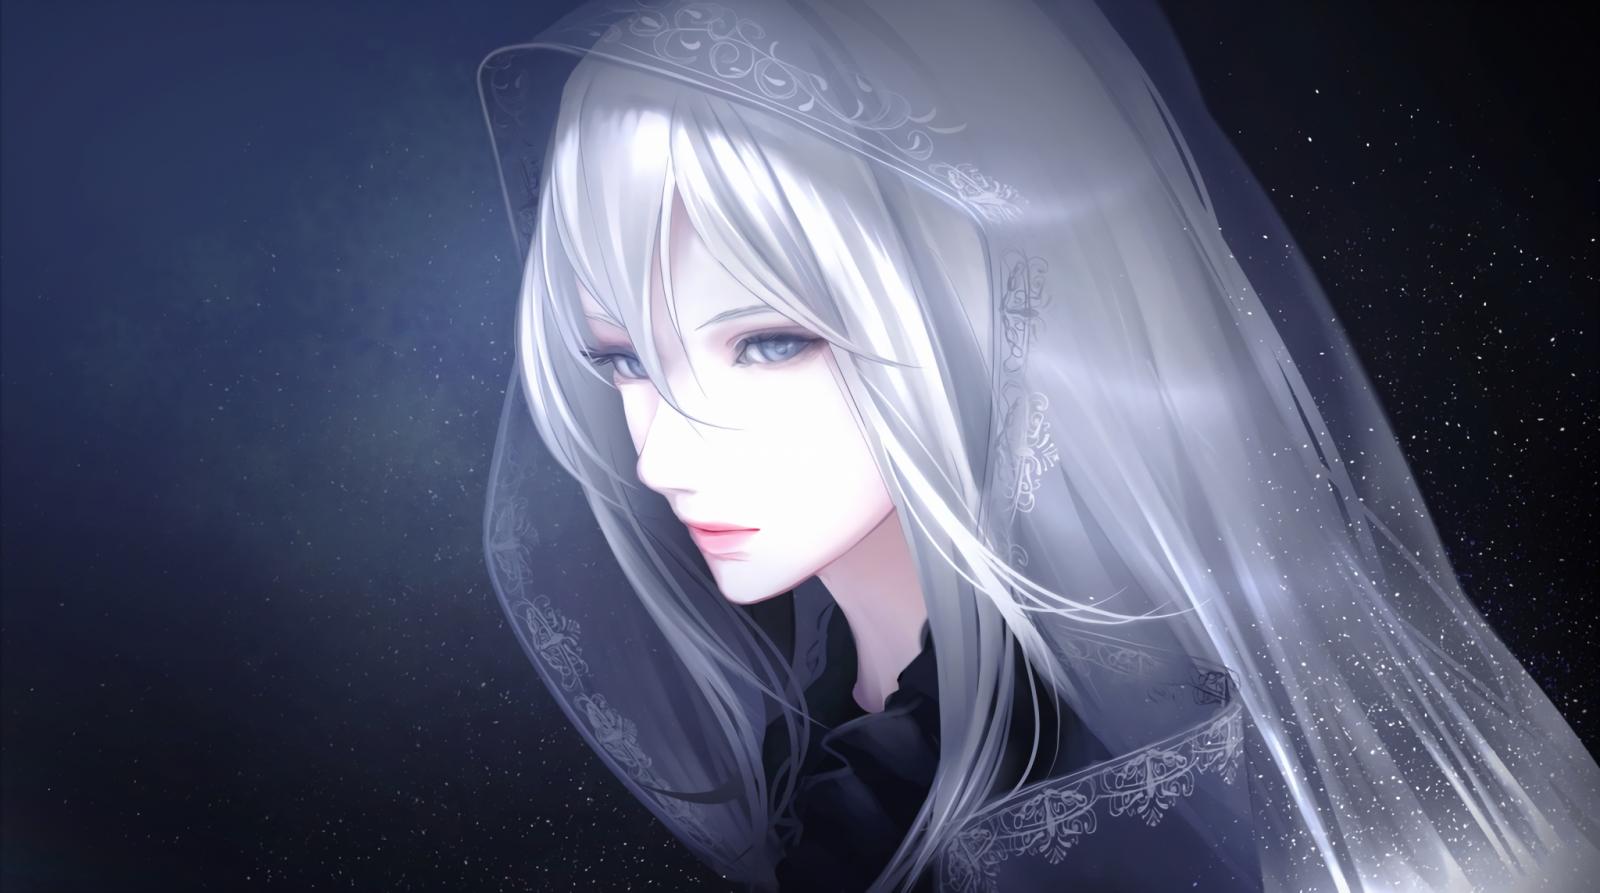 Hình ảnh anime tóc bạch kim xinh xắn như cô dâu